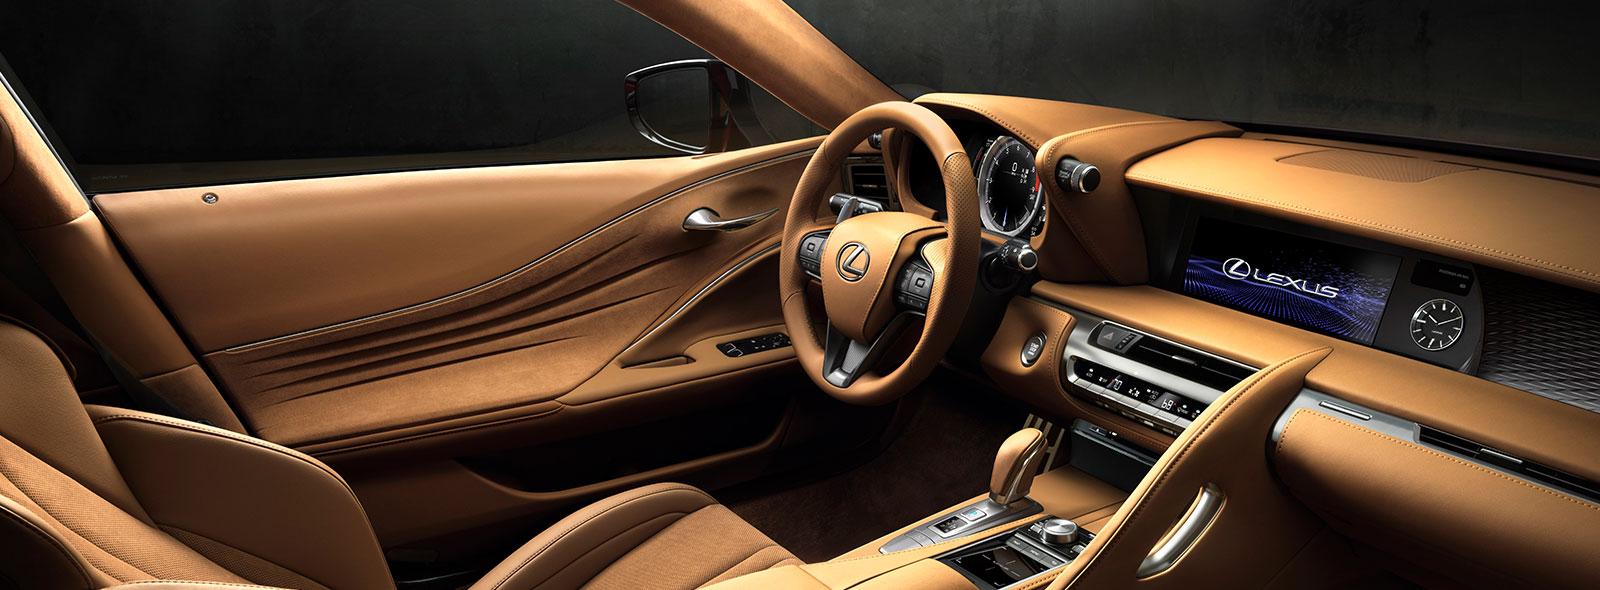 Interiörbild förarsäte och skinnklädsel Lexus LC 500